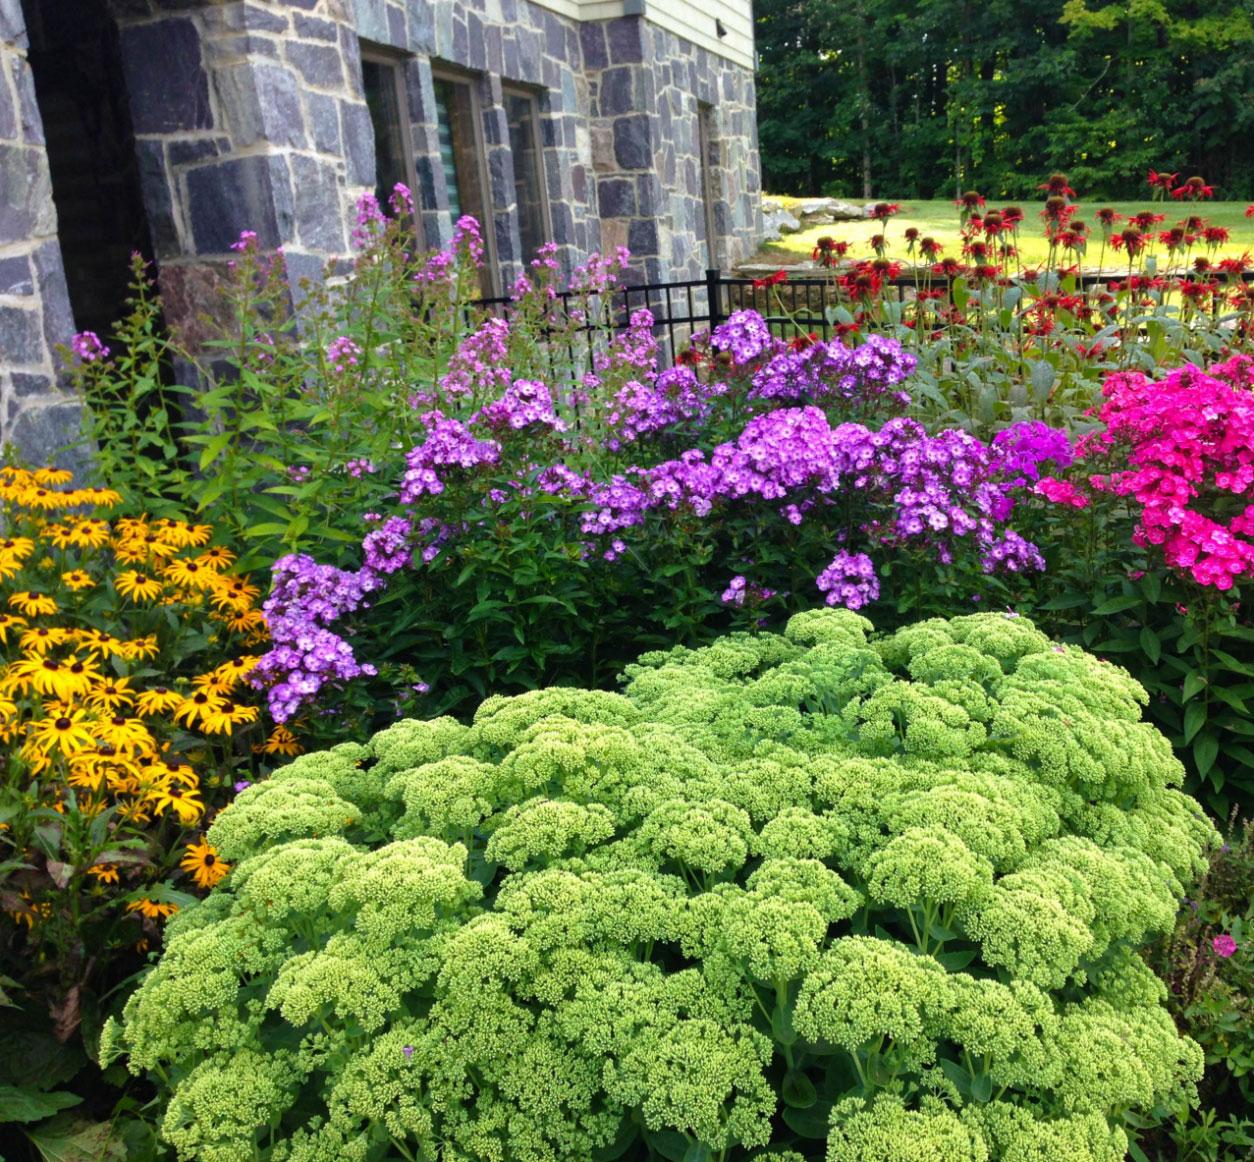 Bright Garden | Andrew Zema's Landscaping & Excavating - Berkshire County, Columbia County, Rensselaer County